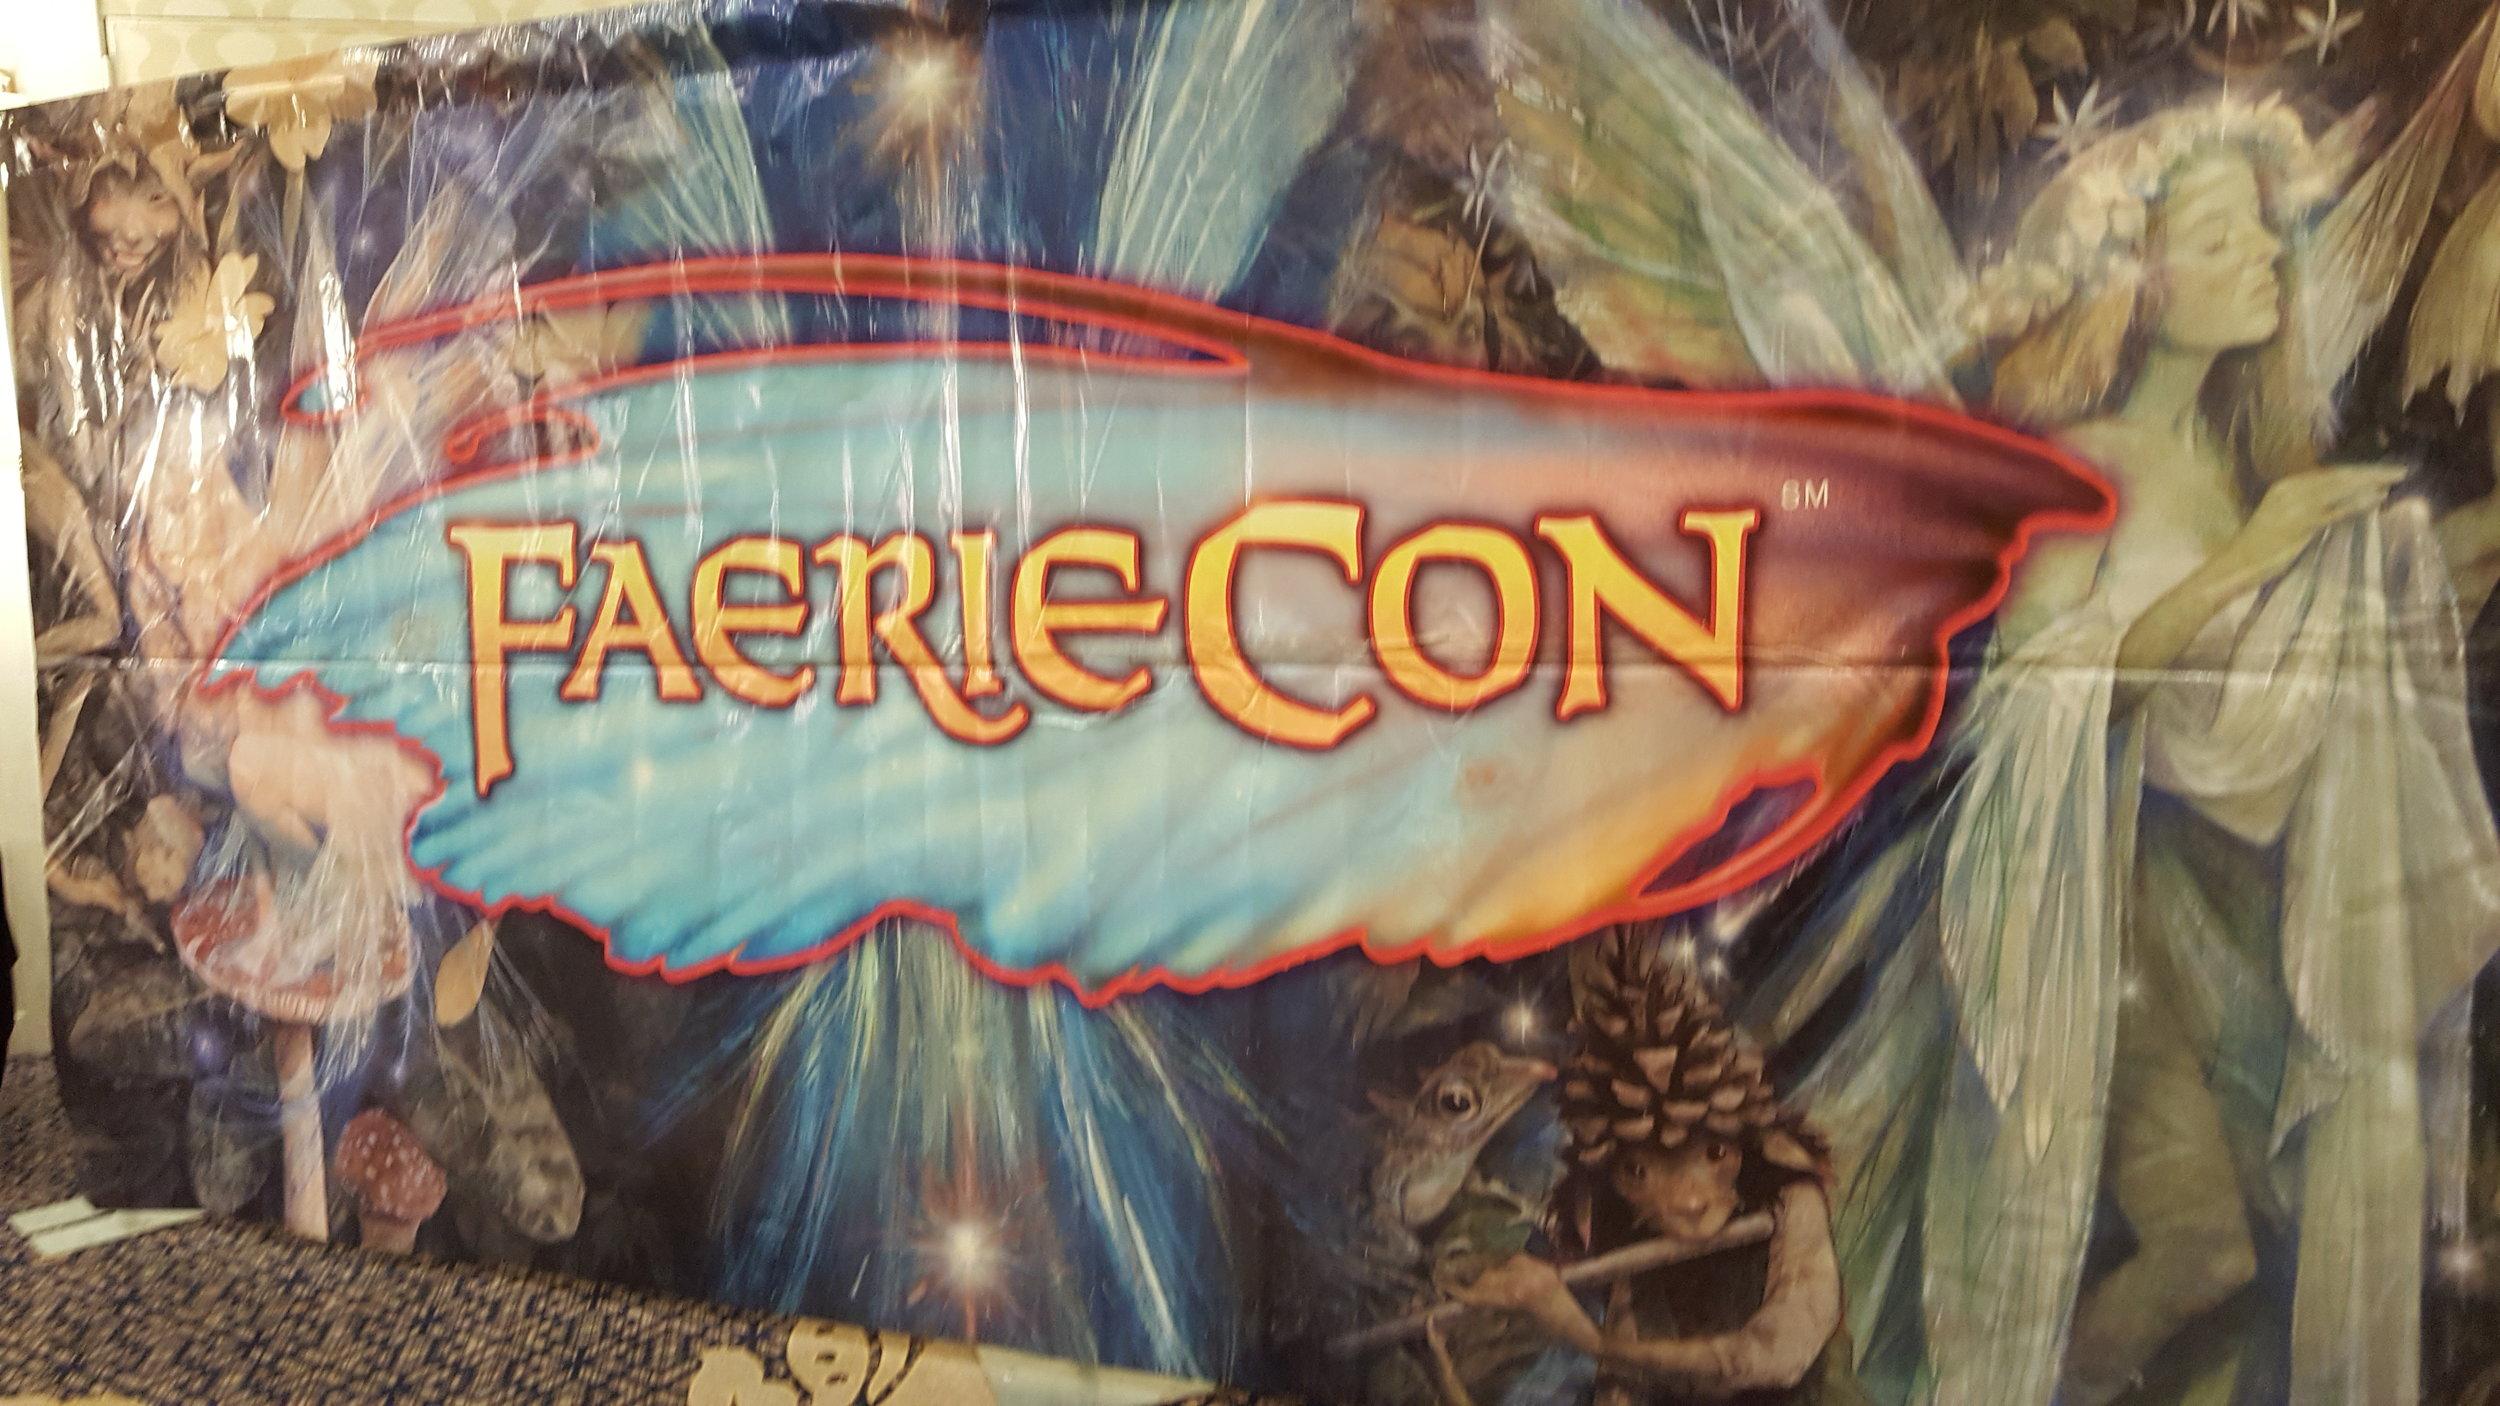 FaerieCon